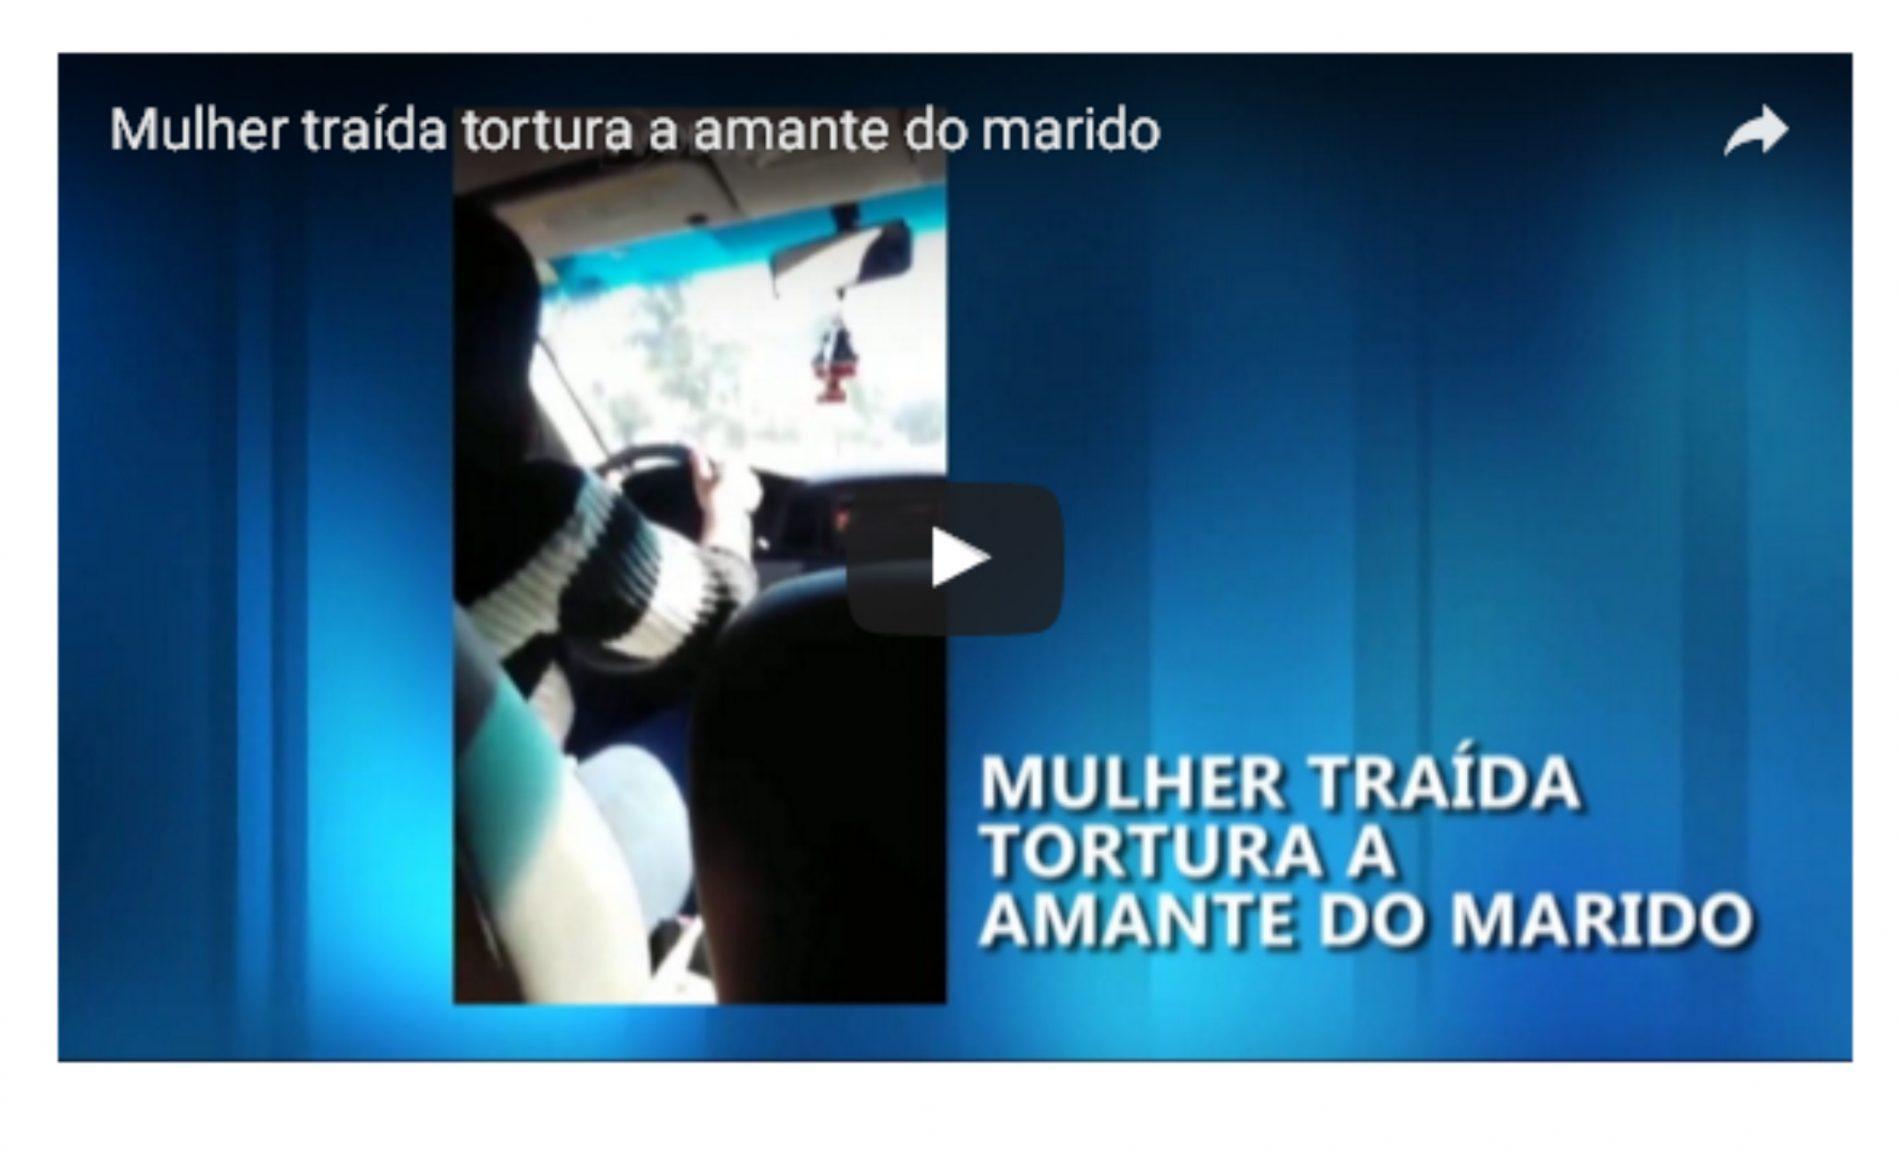 Mulher traída tortura a amante do marido e grava vídeo